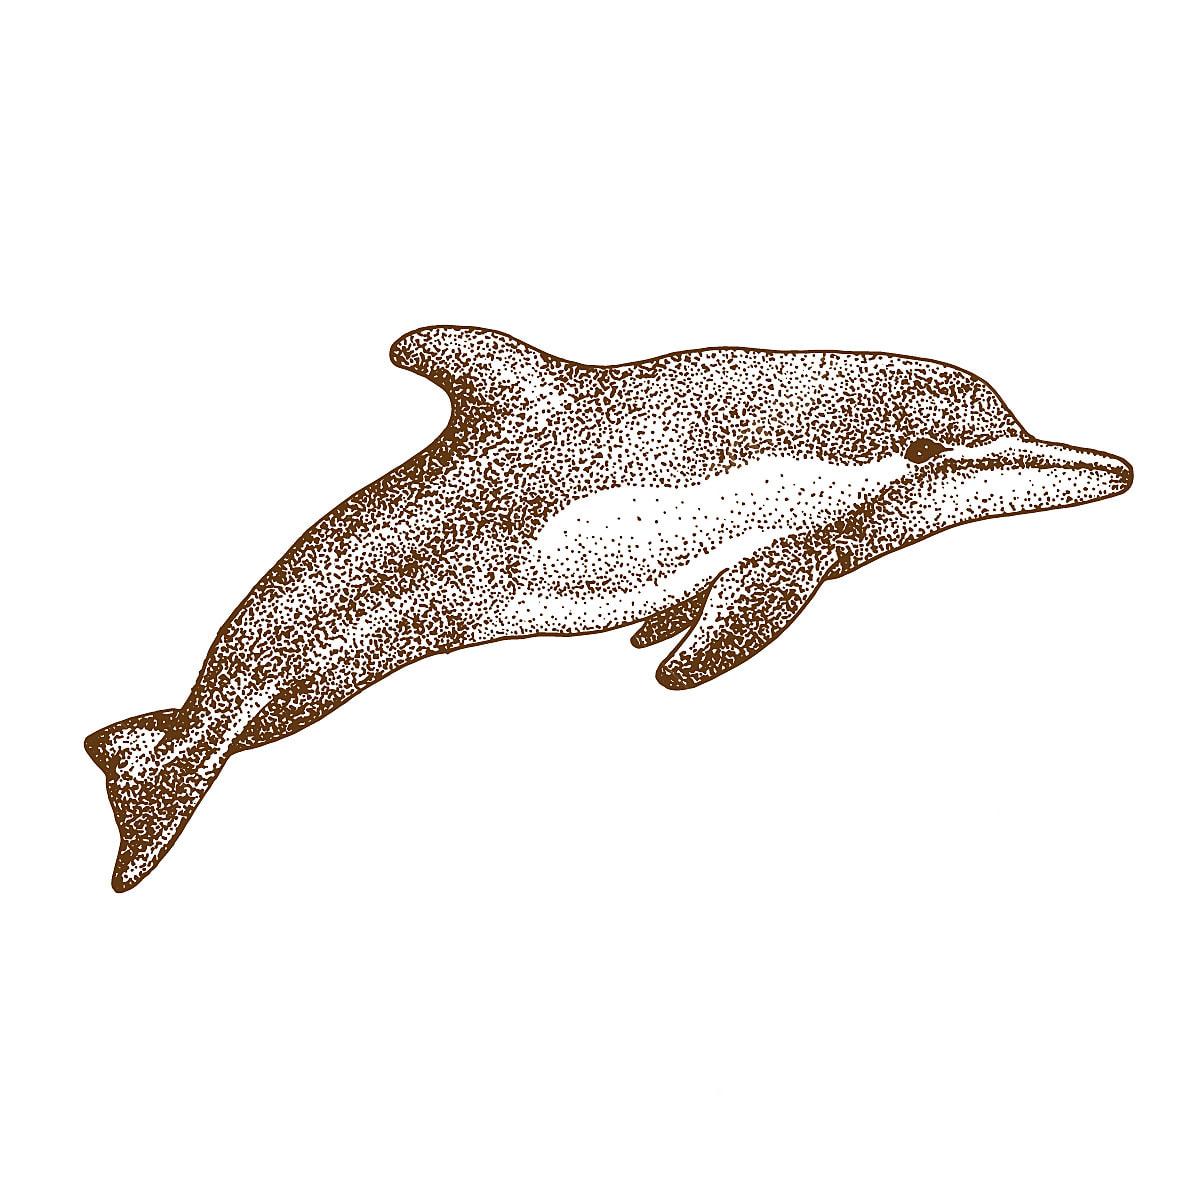 Pontilhismo Desenho De Golfinho Animal Aquatic Arte Png E Vetor